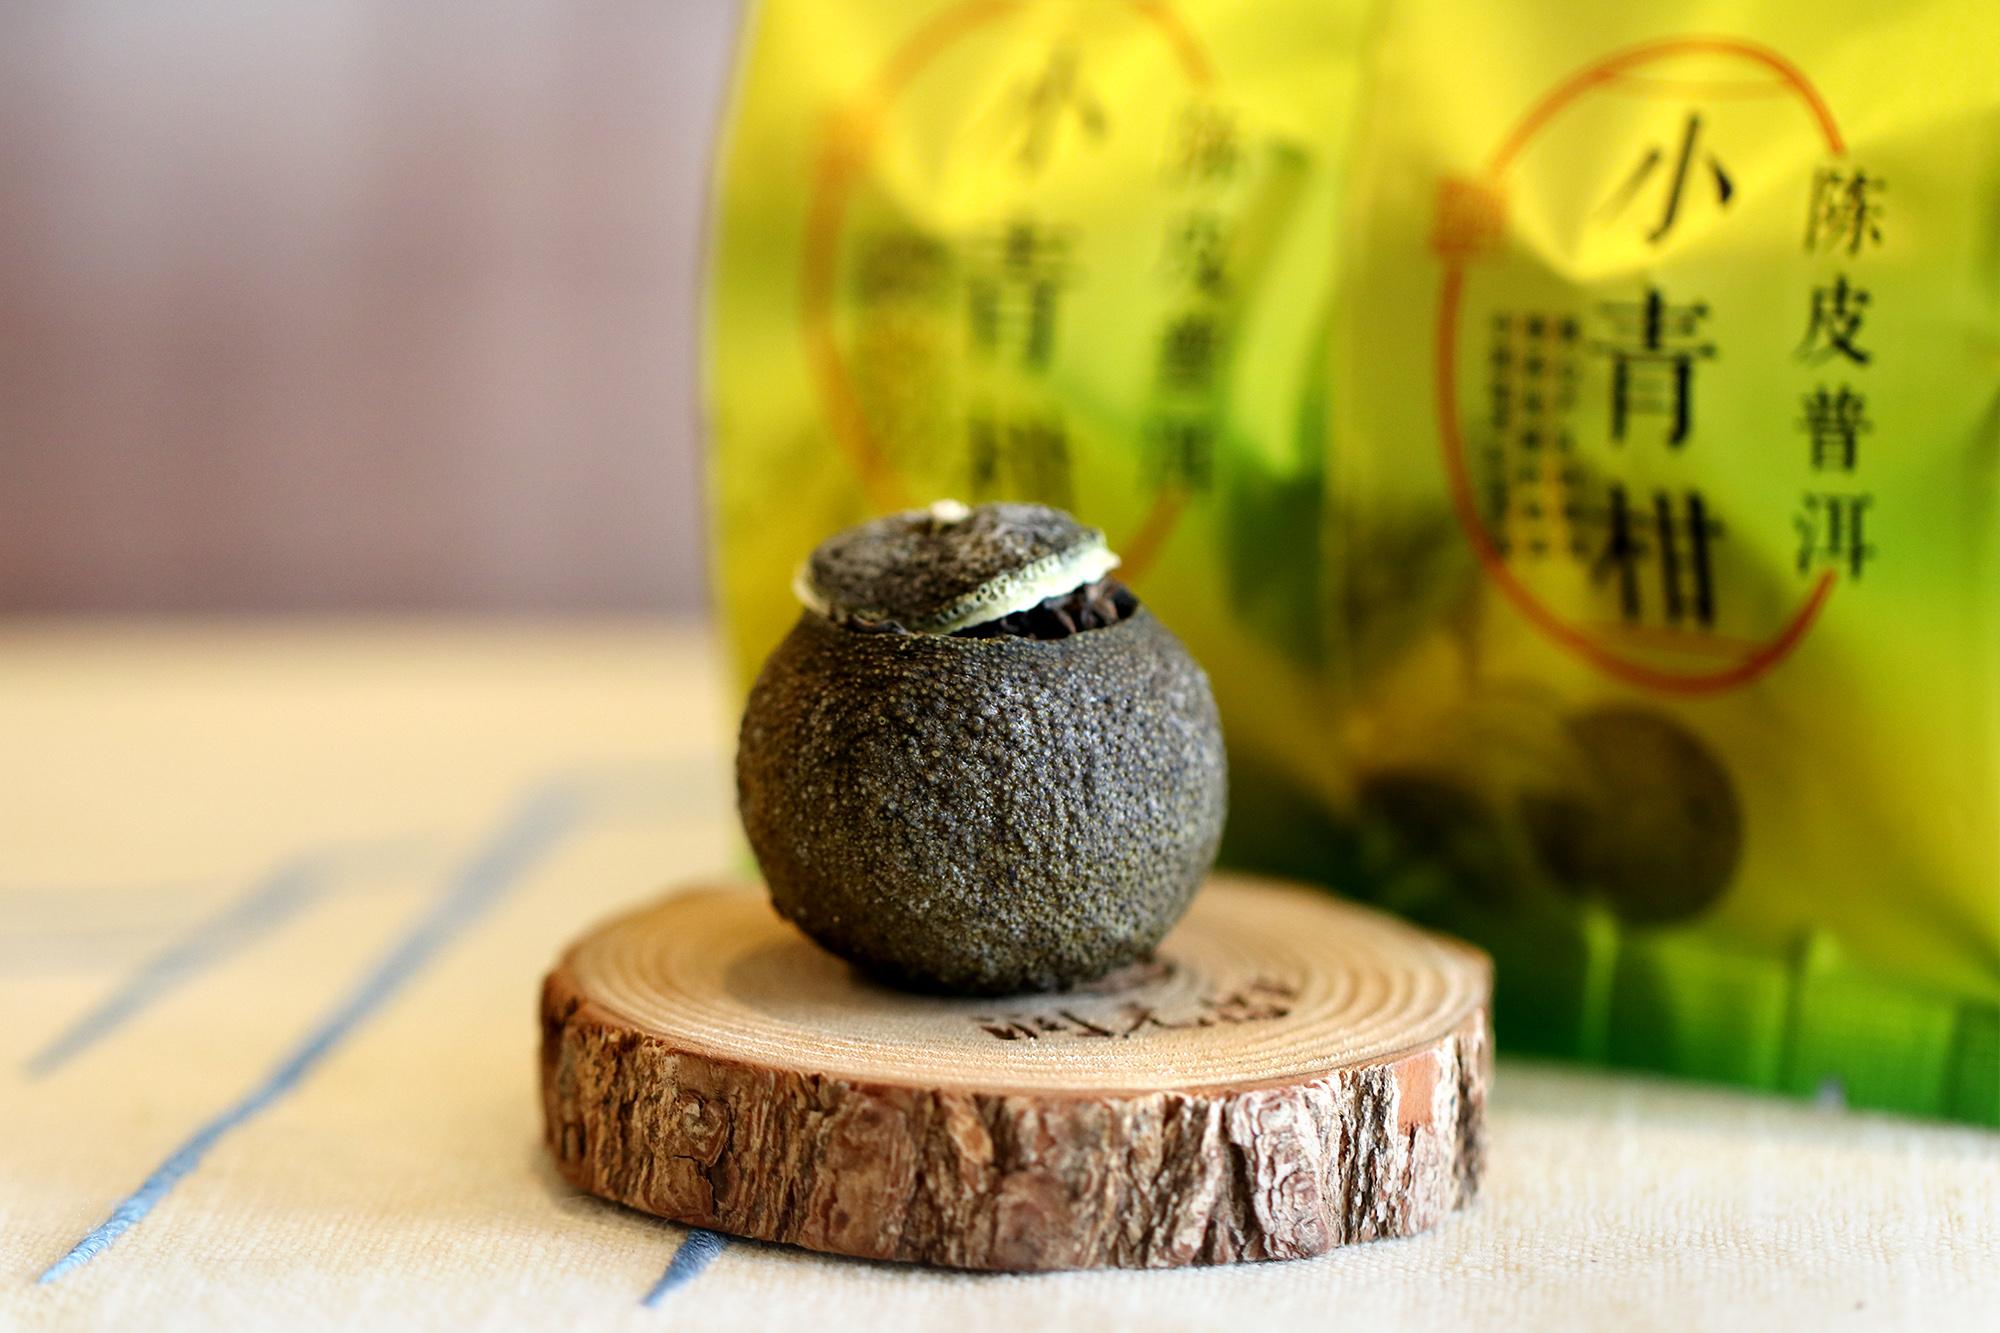 润元昌2016陈皮普洱小青柑-250克清香型06